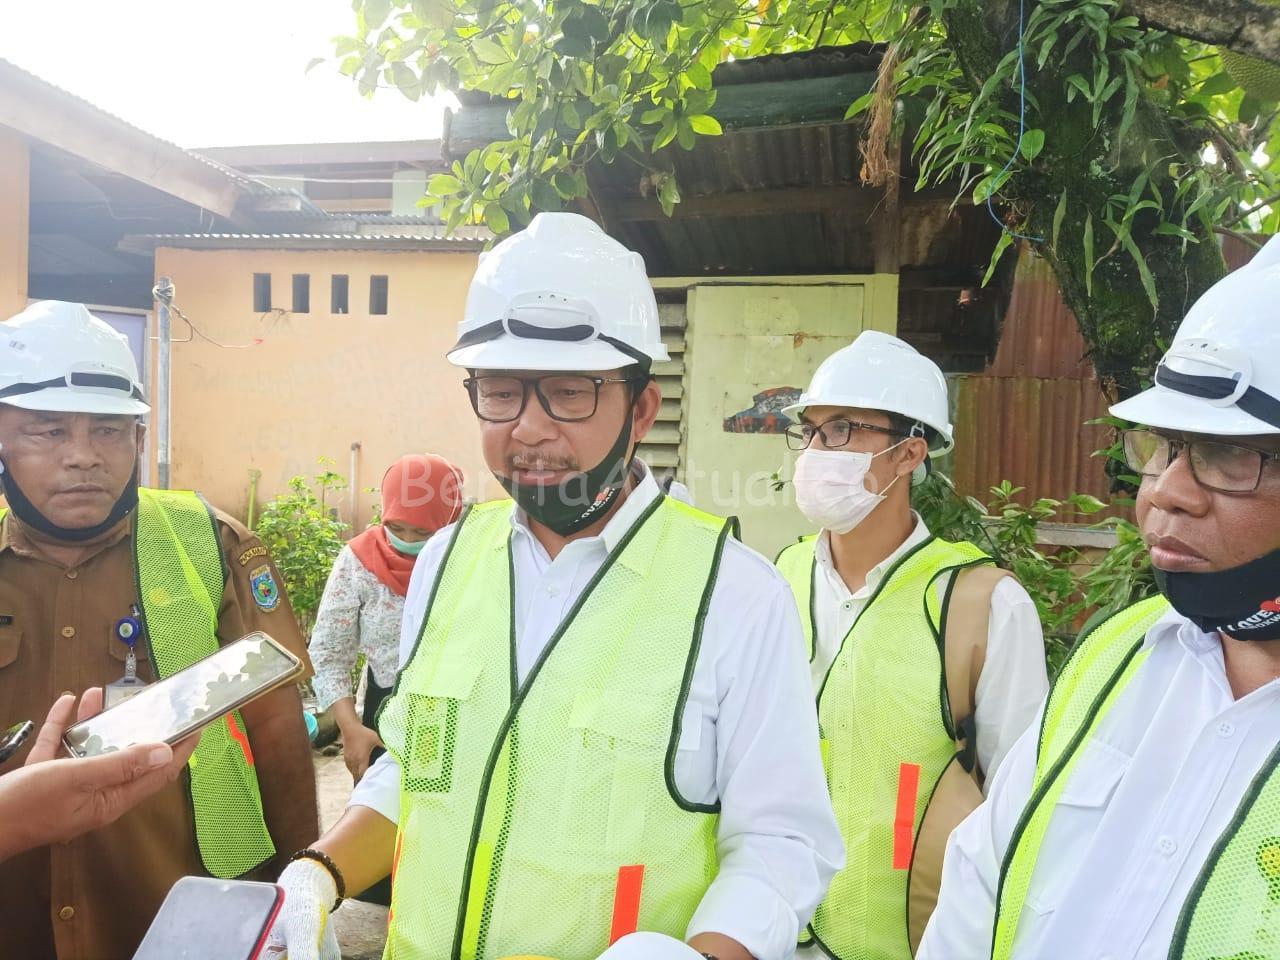 """Program """"KOTAKU"""" Tanpa Kumuh Papua Barat Akan Dilaksanakan di 3 Daerah Ini 25 IMG 20200714 WA0048"""